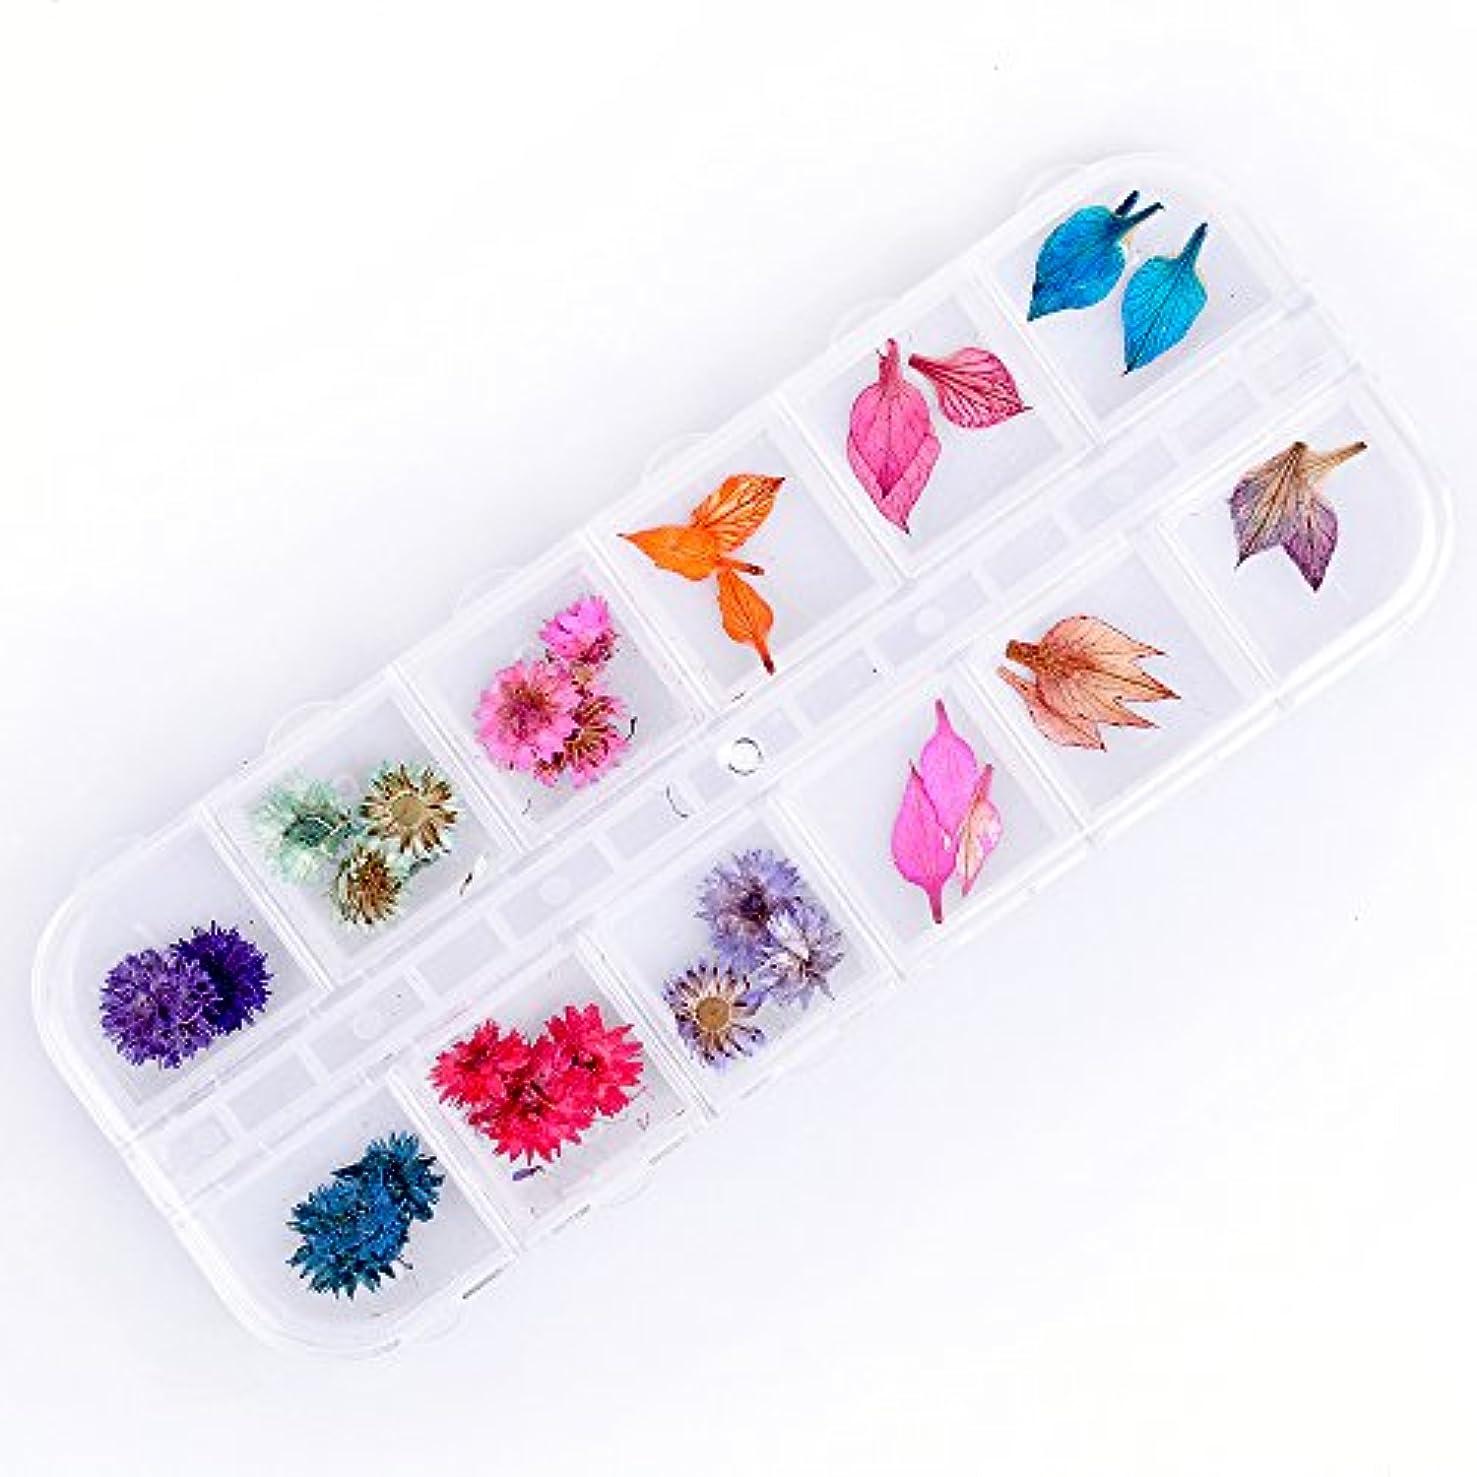 高尚な長いです城Takarafune 押し花 ドライフラワー 葉 3Dネイル レジンデコレーション DIY ネイルパーツ 明収納ケース 2種類 各6色